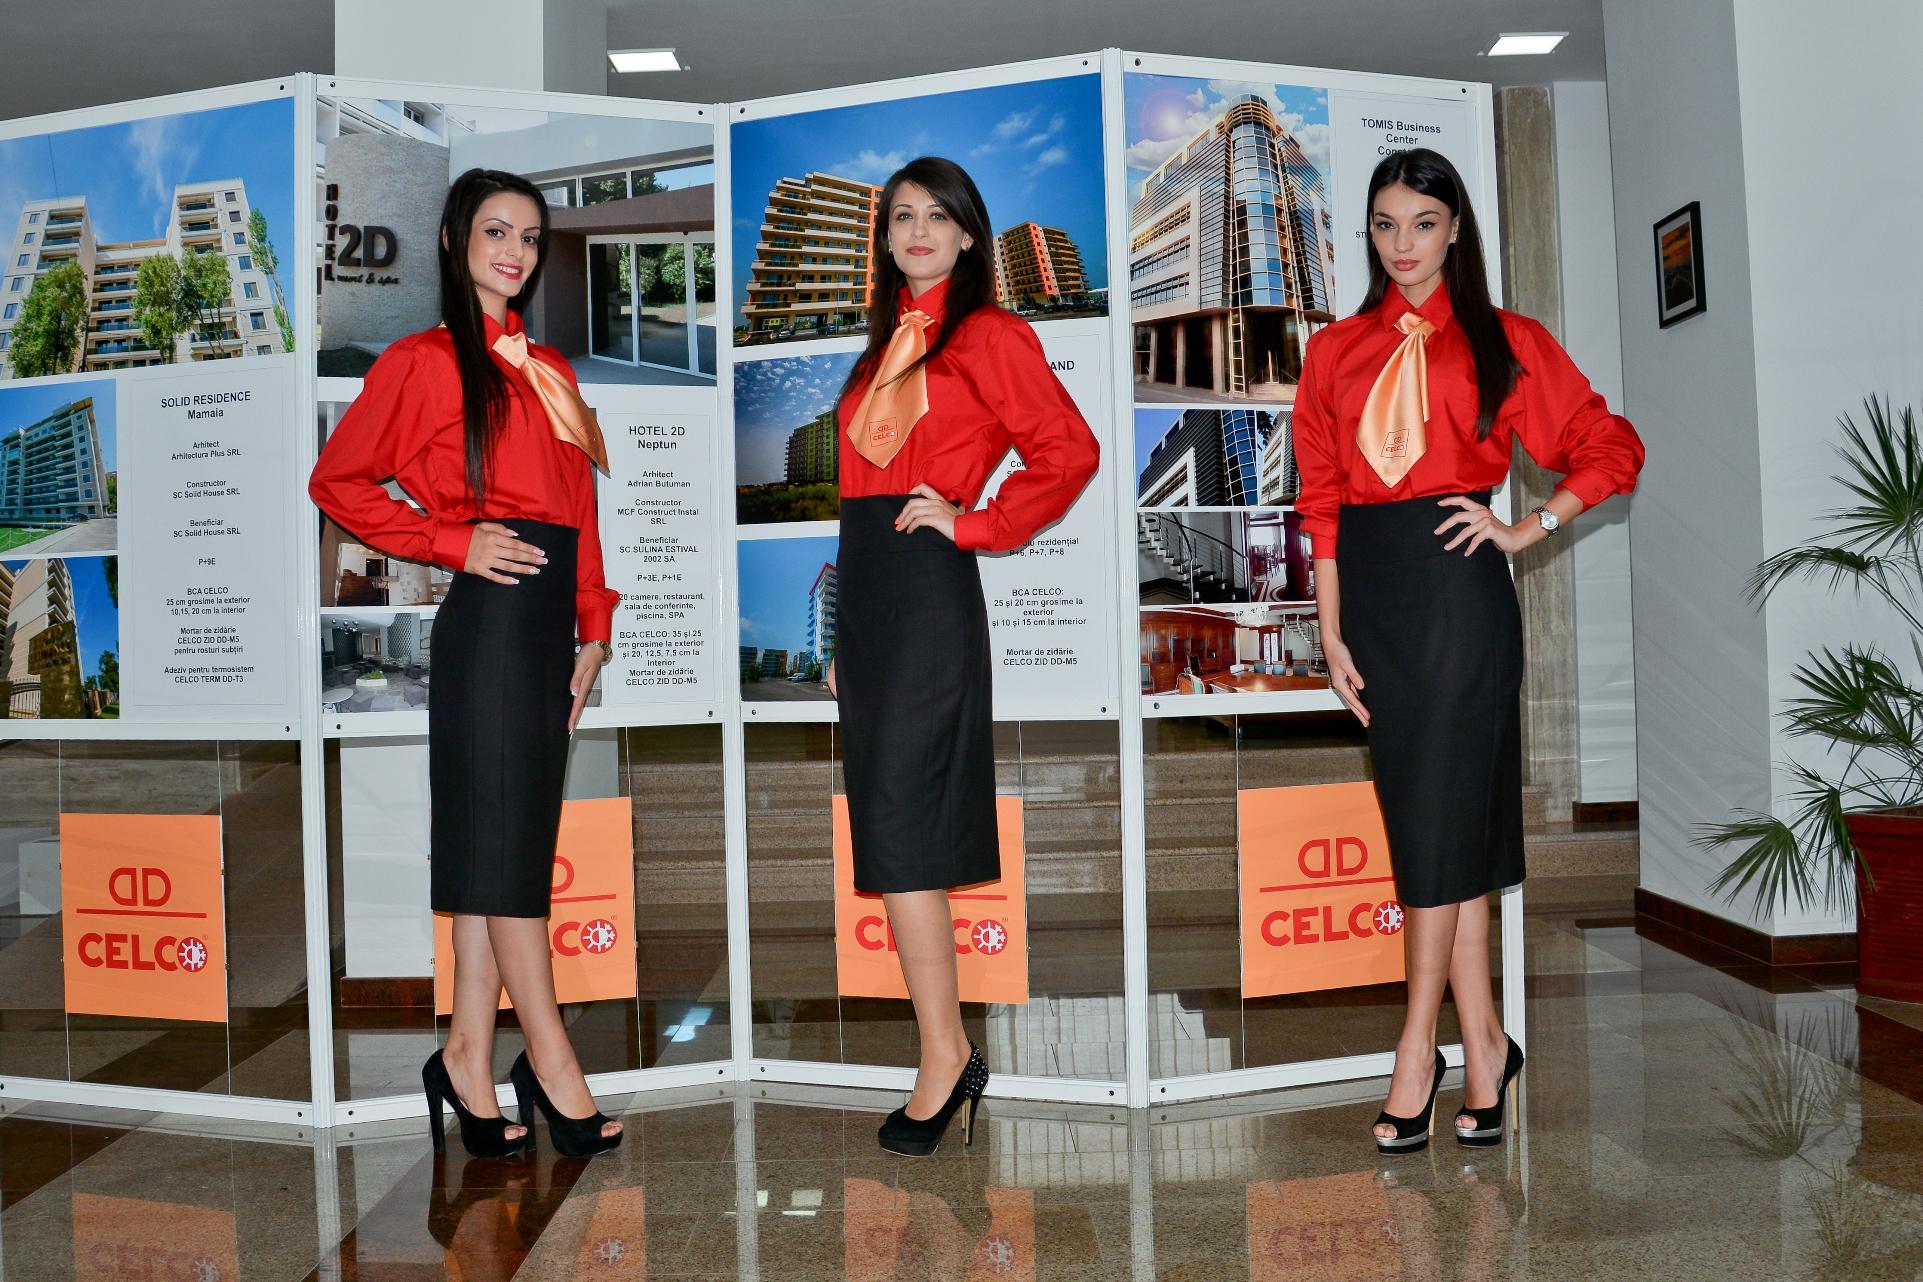 Hostess+evenimente+corporate+Constanta+(5).JPG